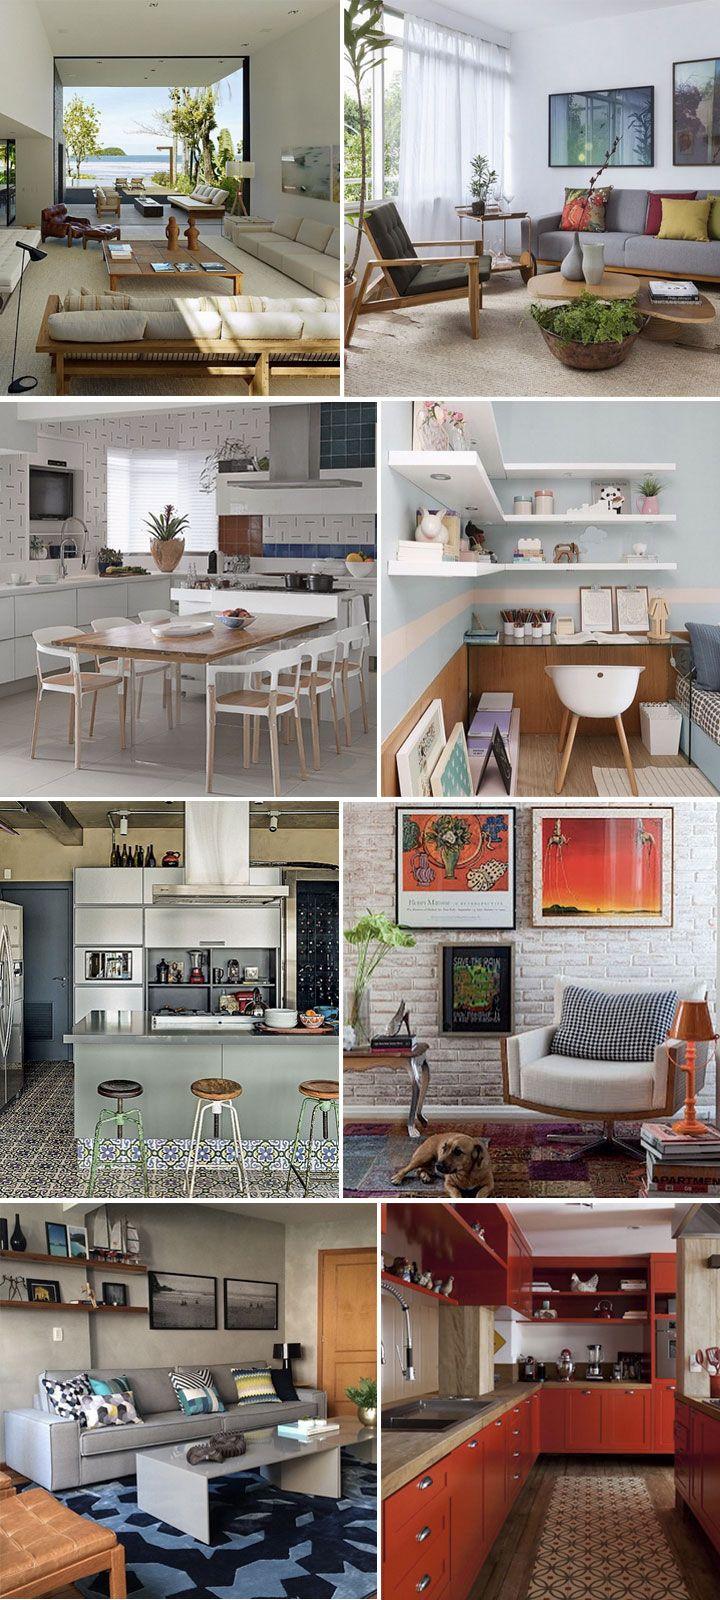 Hora de conhecer imagens inspiradoras do melhor da arquitetura e do design de interiores: https://www.casadevalentina.com.br/blog/INSPIRA%C3%87%C3%83O%20INSTA%20%7C%20INSTADECORANDOBYLU ------  The best of architecture and interior design: https://www.casadevalentina.com.br/blog/INSPIRA%C3%87%C3%83O%20INSTA%20%7C%20INSTADECORANDOBYLU